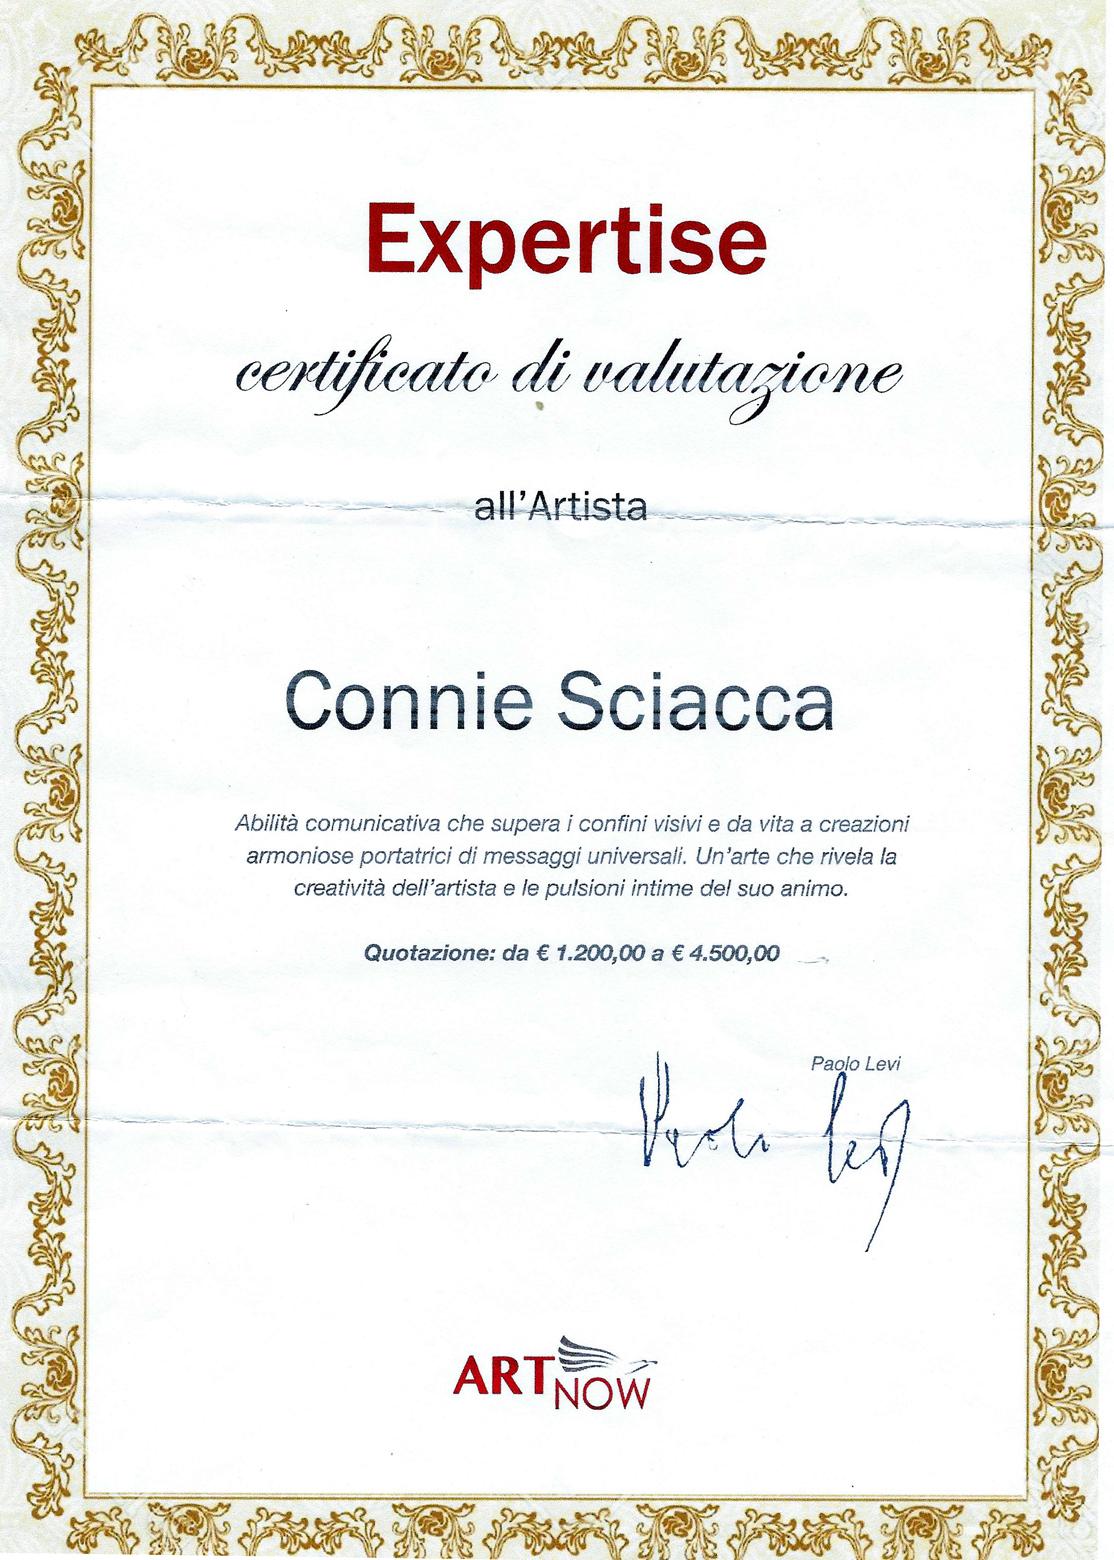 Aggiornamento del coefficiente artistico di Connie Sciacca - Paolo Levi - Expertise